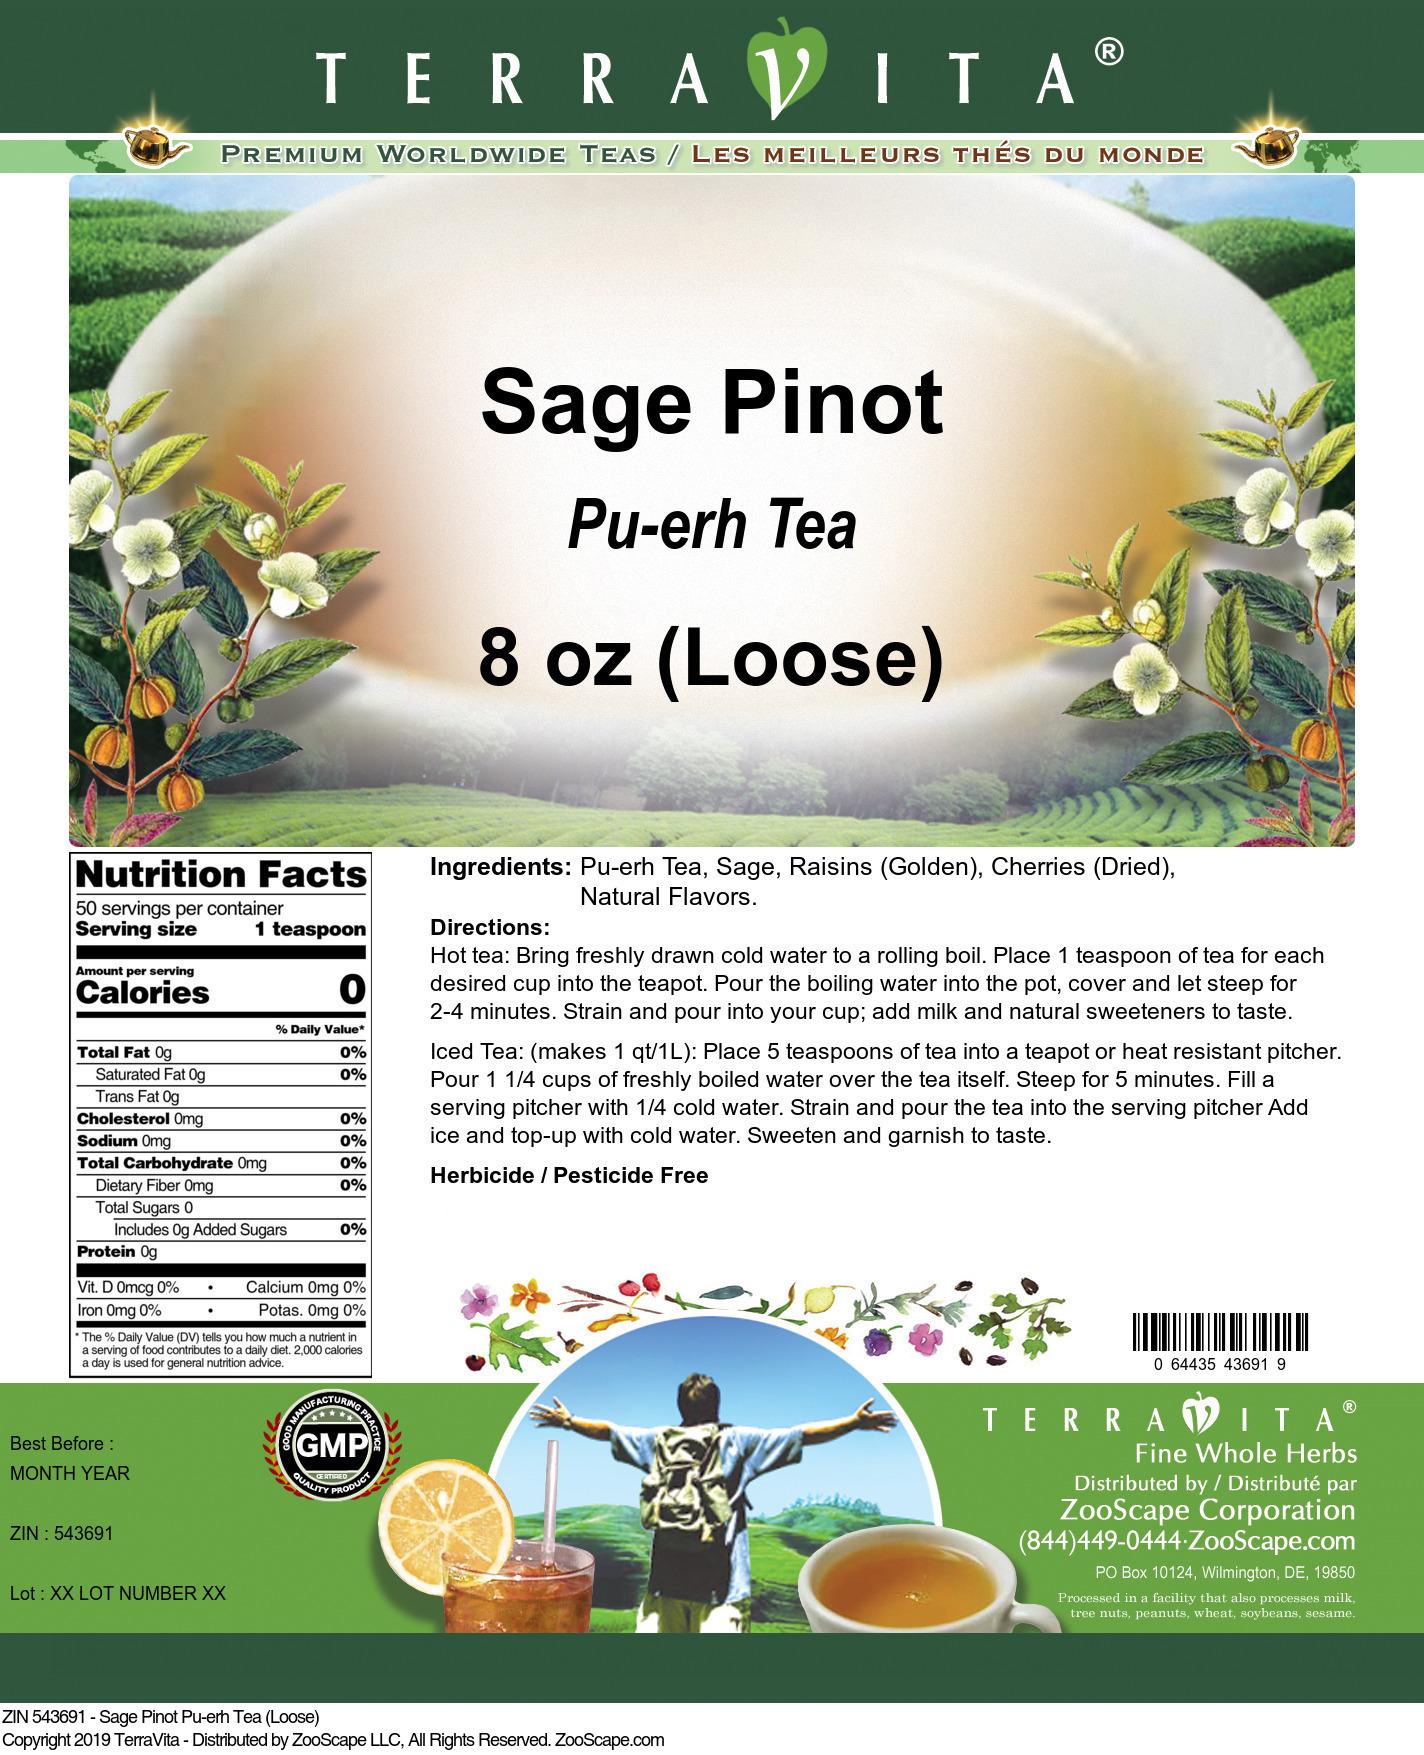 Sage Pinot Pu-erh Tea (Loose)